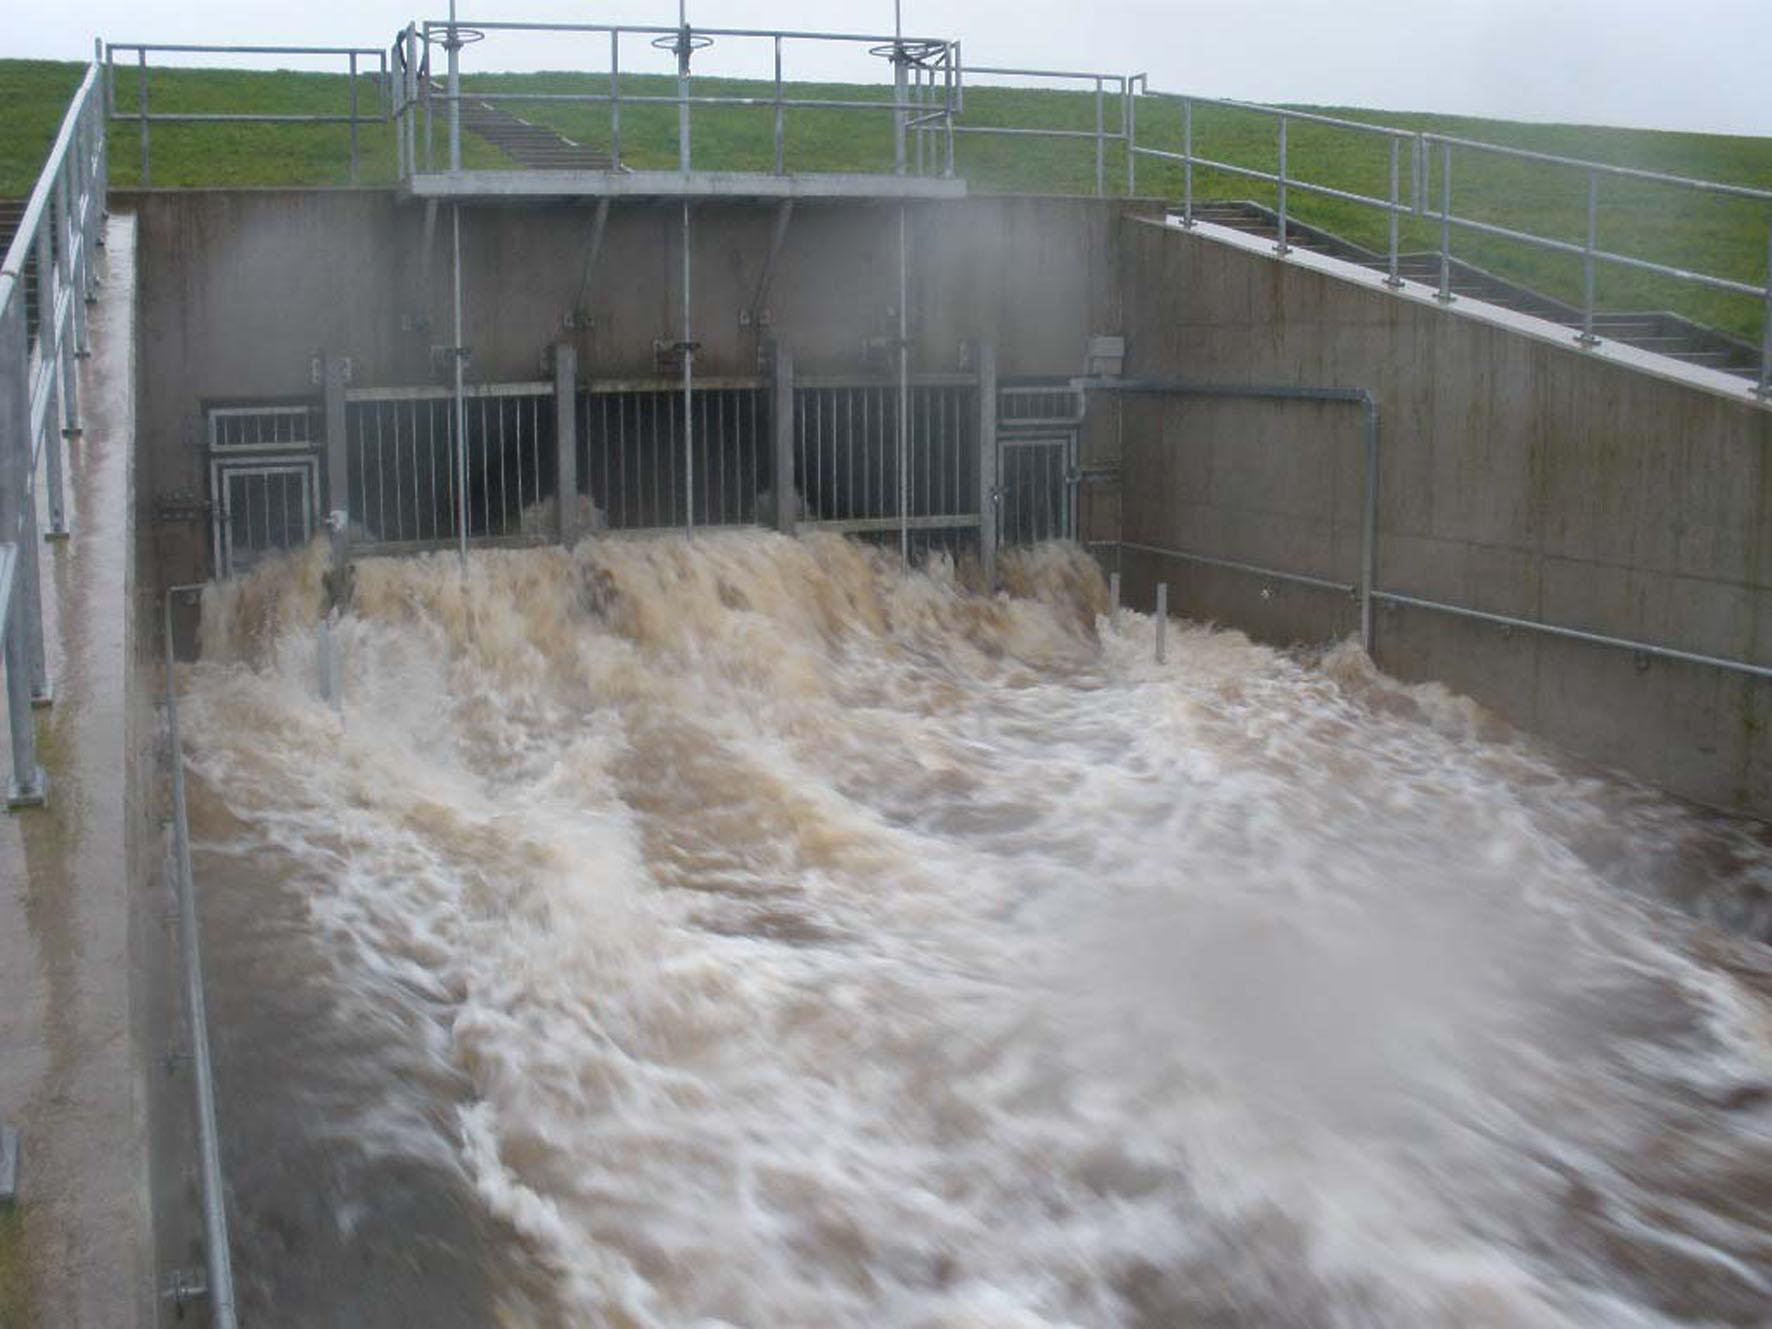 34624_The-White-Cart-Flood-Alleviation-Scheme-in-action.jpg